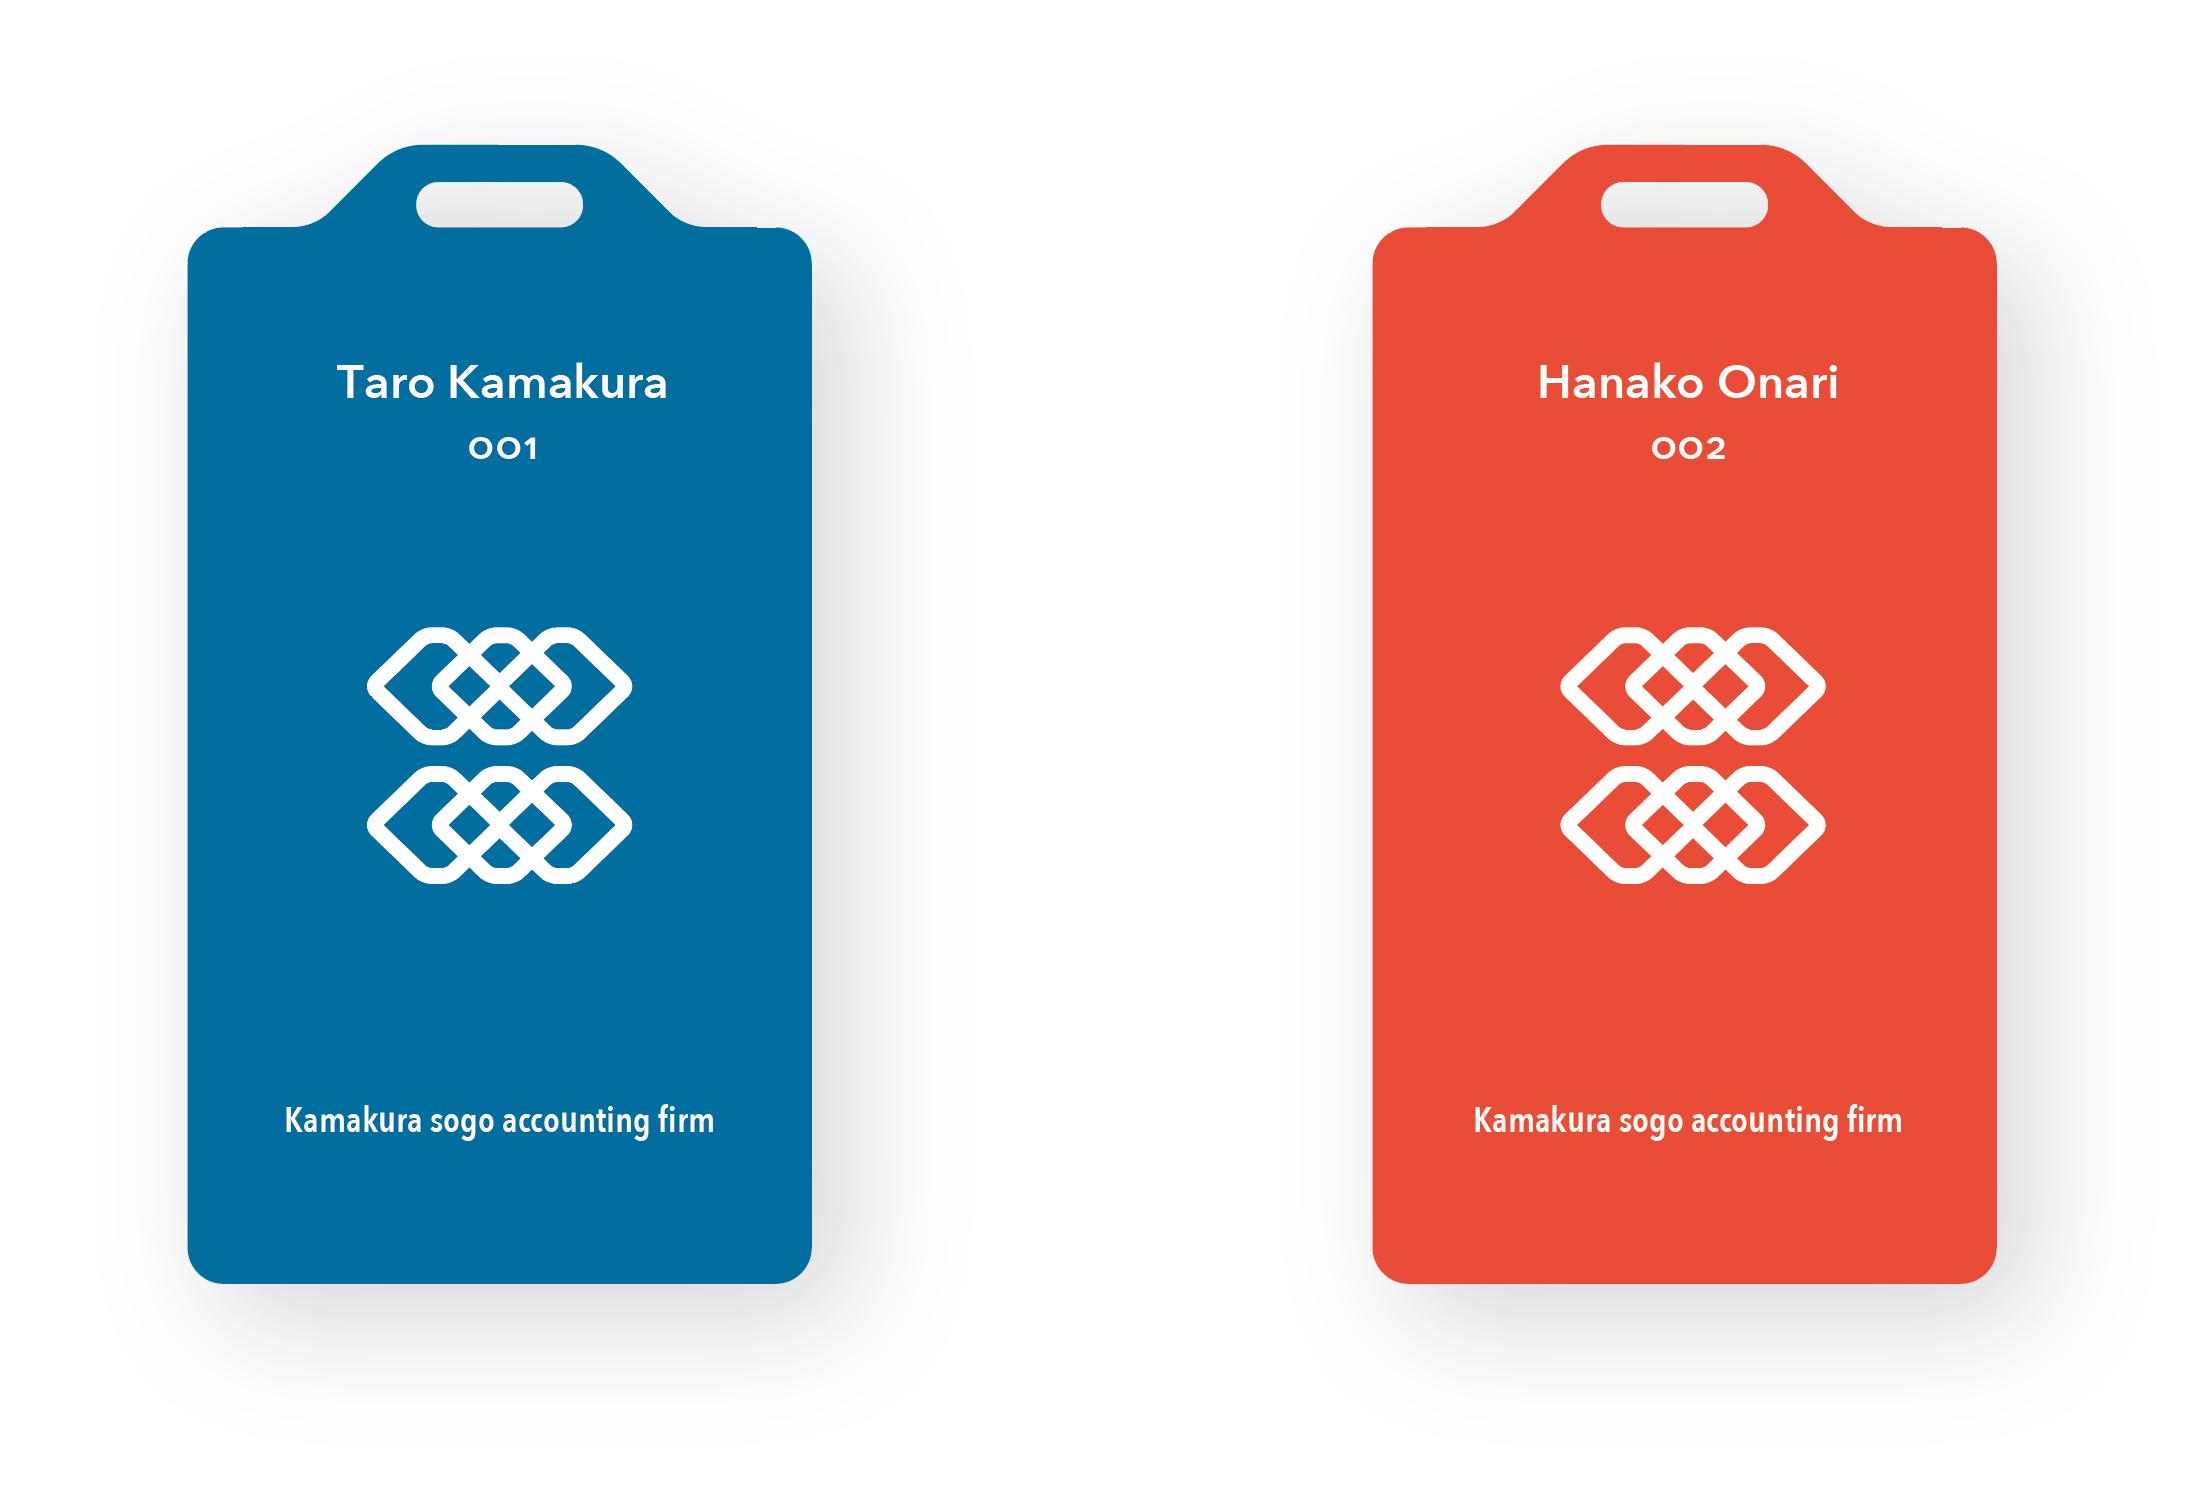 鎌倉総合会計事務所|CIロゴシンボルデザイン IDカードデザイン|神奈川県鎌倉市